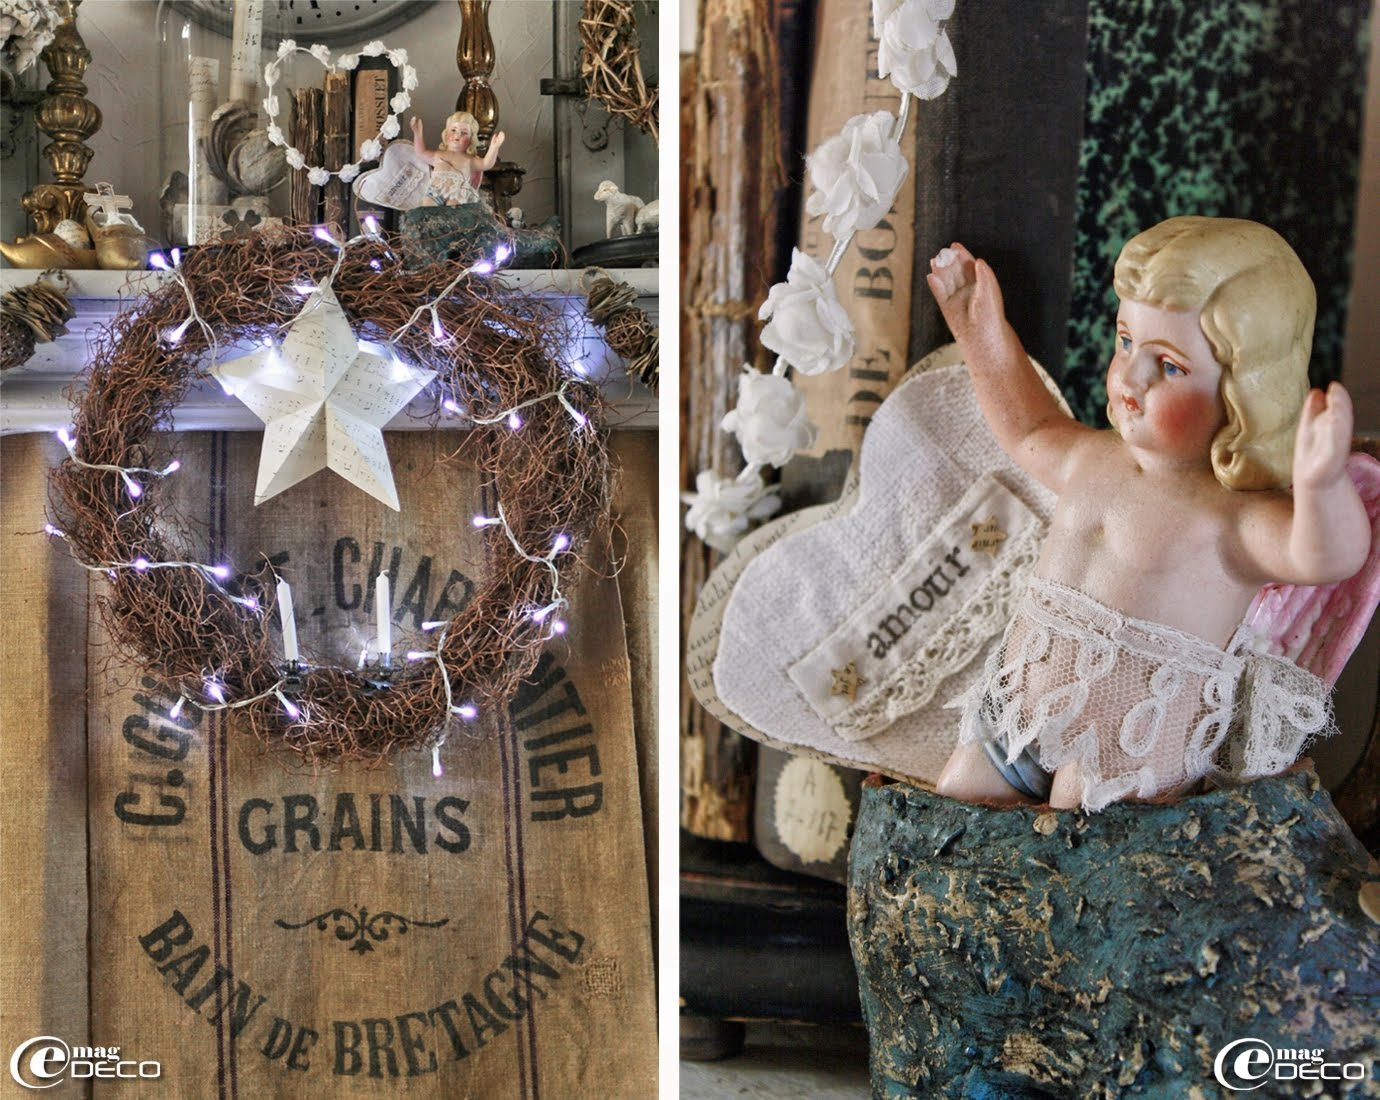 Couronne décorée et illuminée devant une cheminée décorée pour Noël d'un rideau de toile de jute taillé dans des sacs à grains